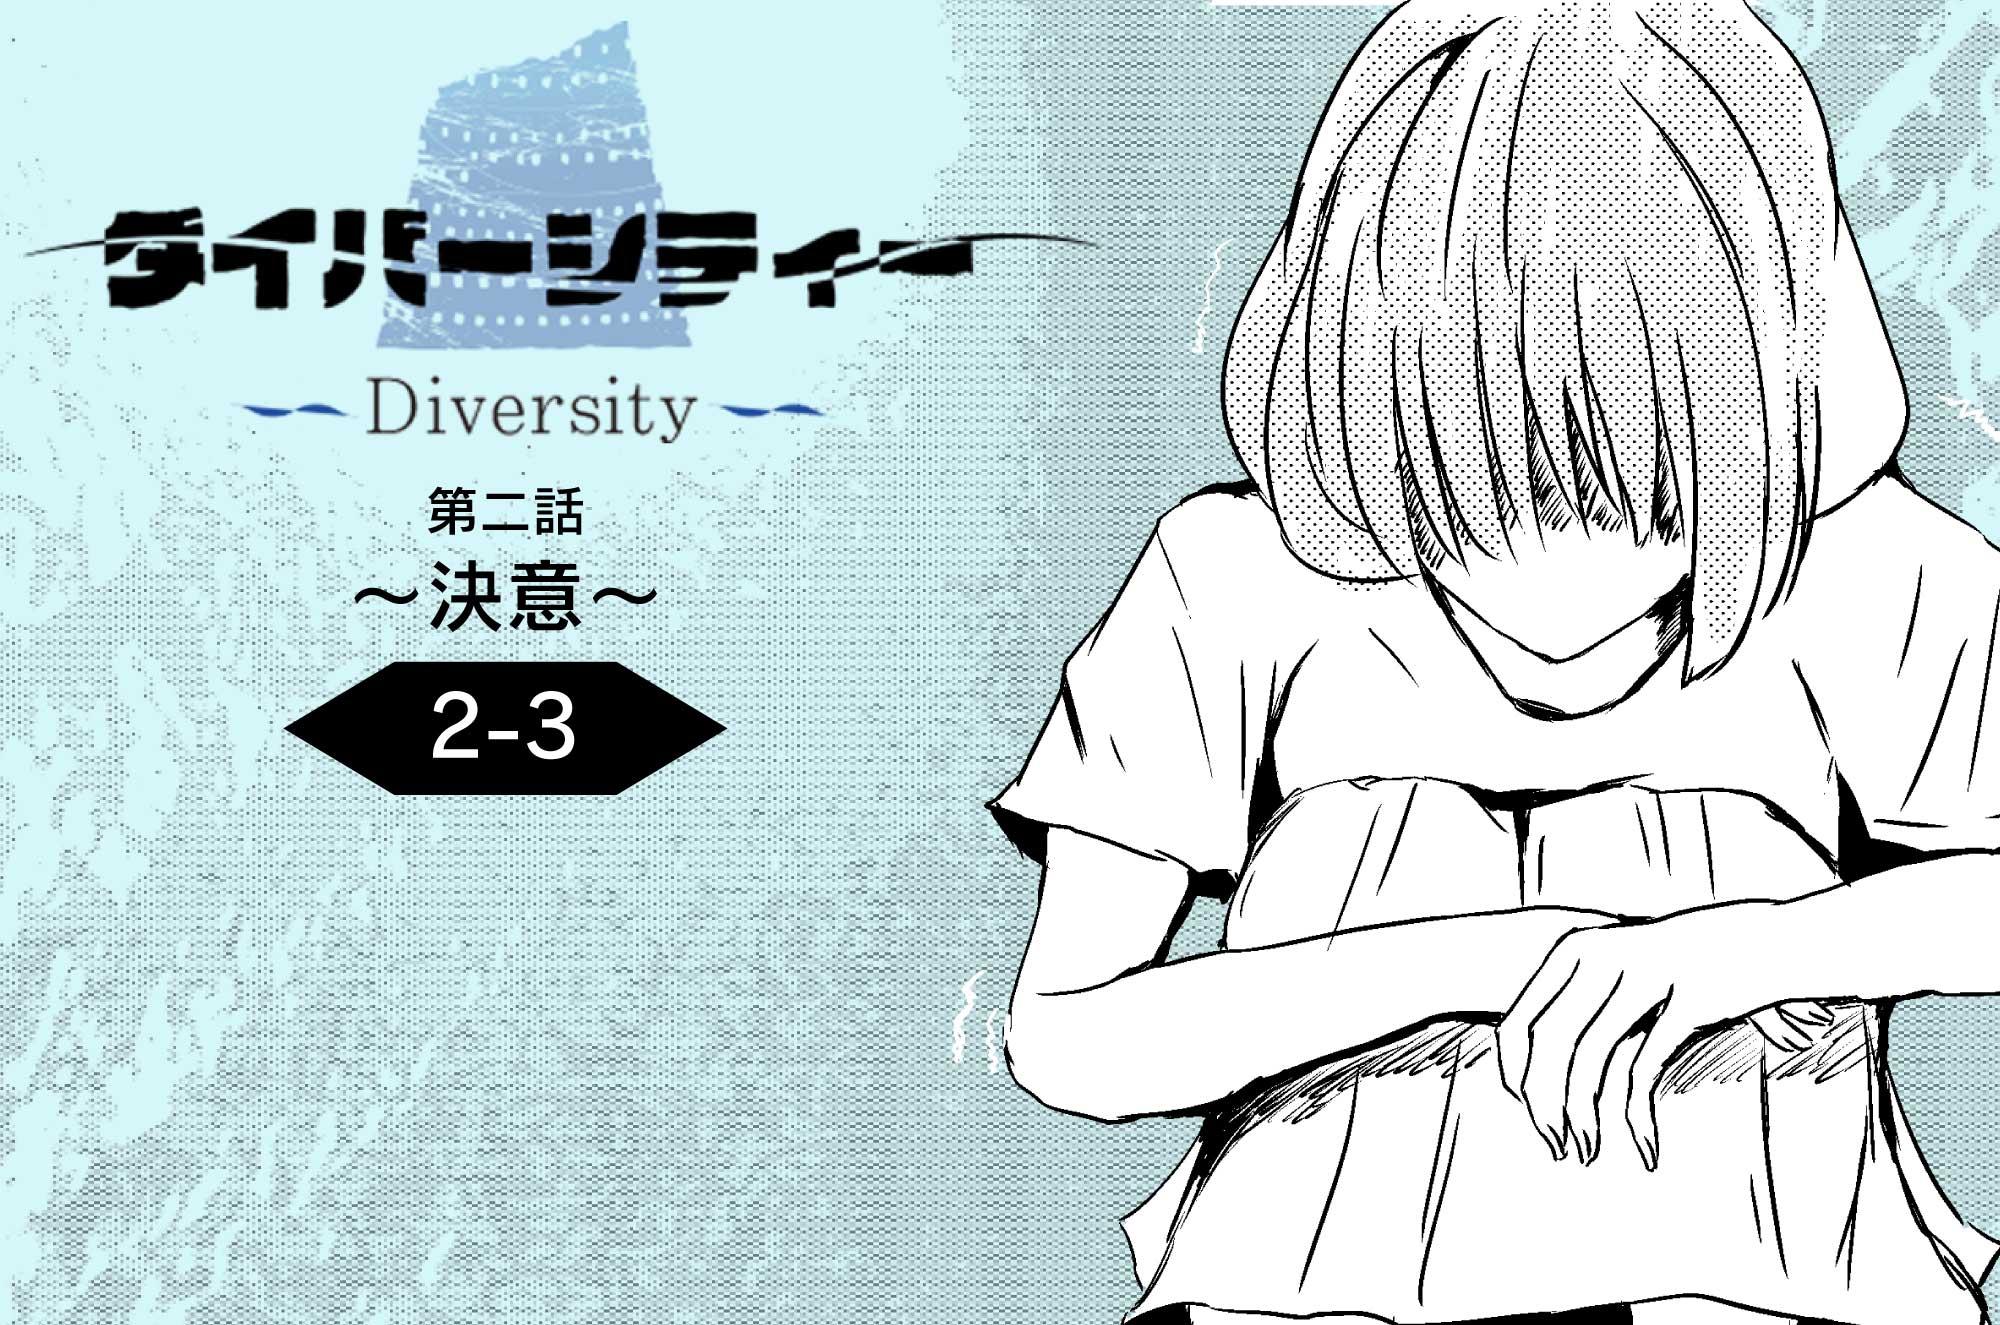 ダイバーシティー第二話 【決意2-3】web漫画